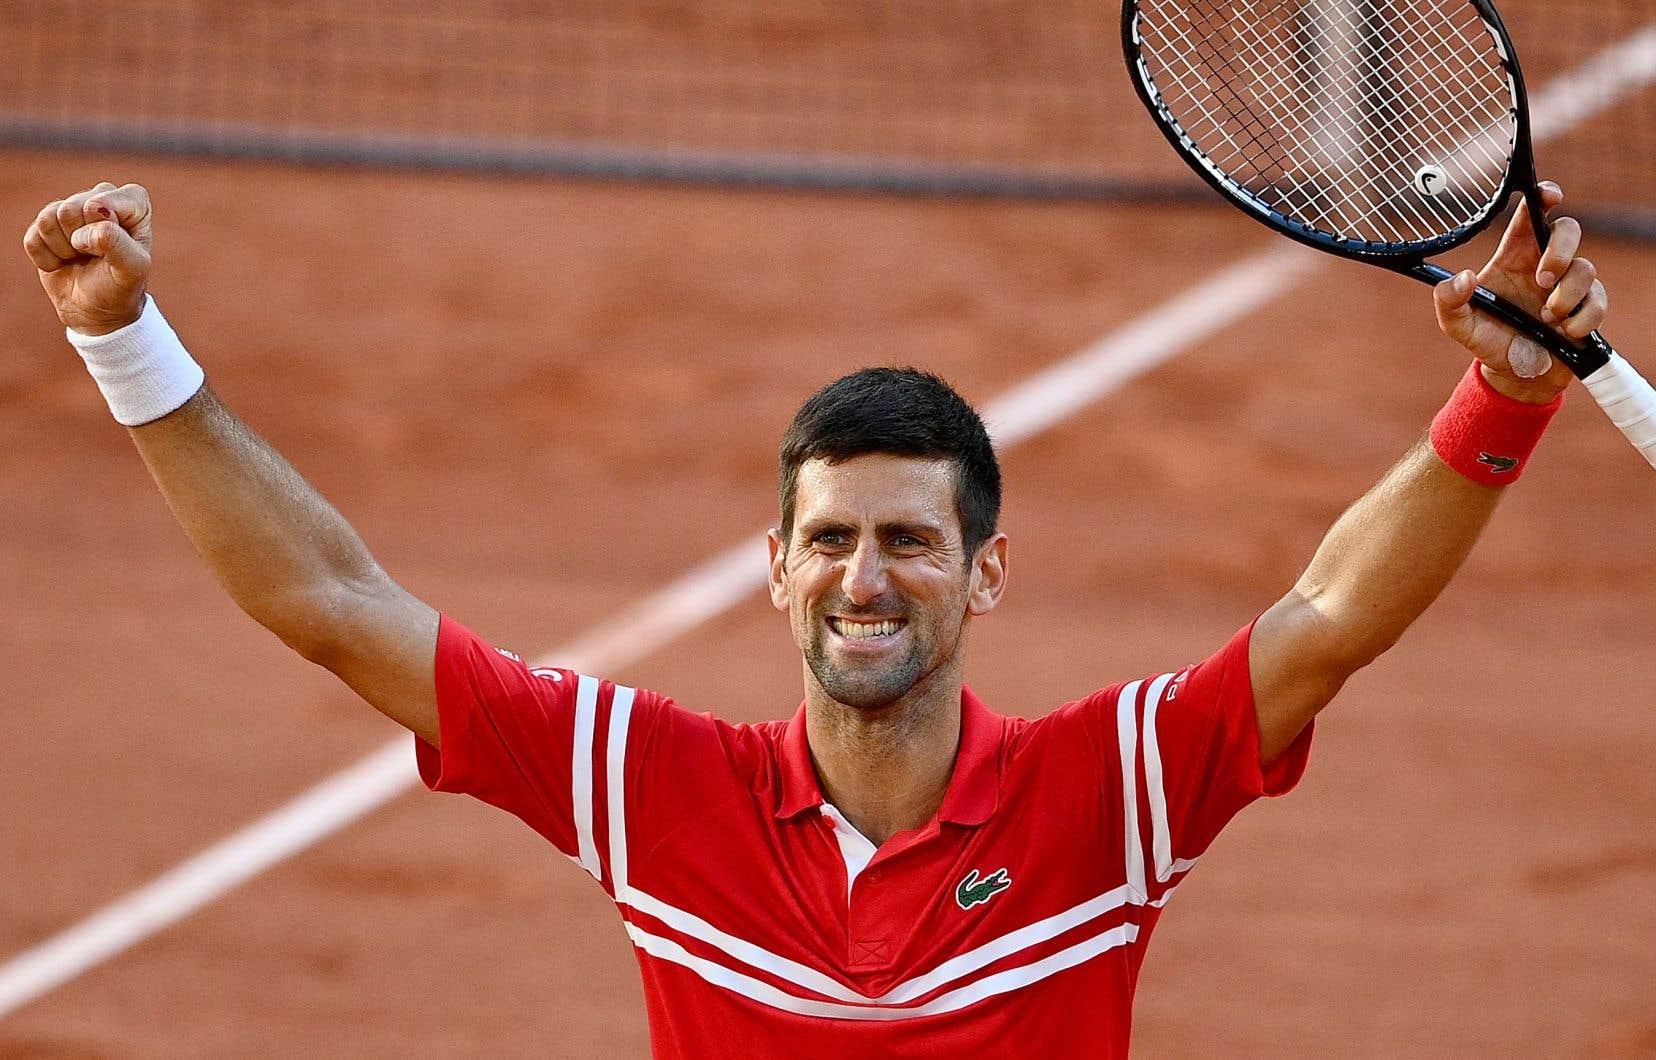 Novak Djokovic a remonté deux manches en finale de Roland-Garros dimanche, une première depuis 2004.